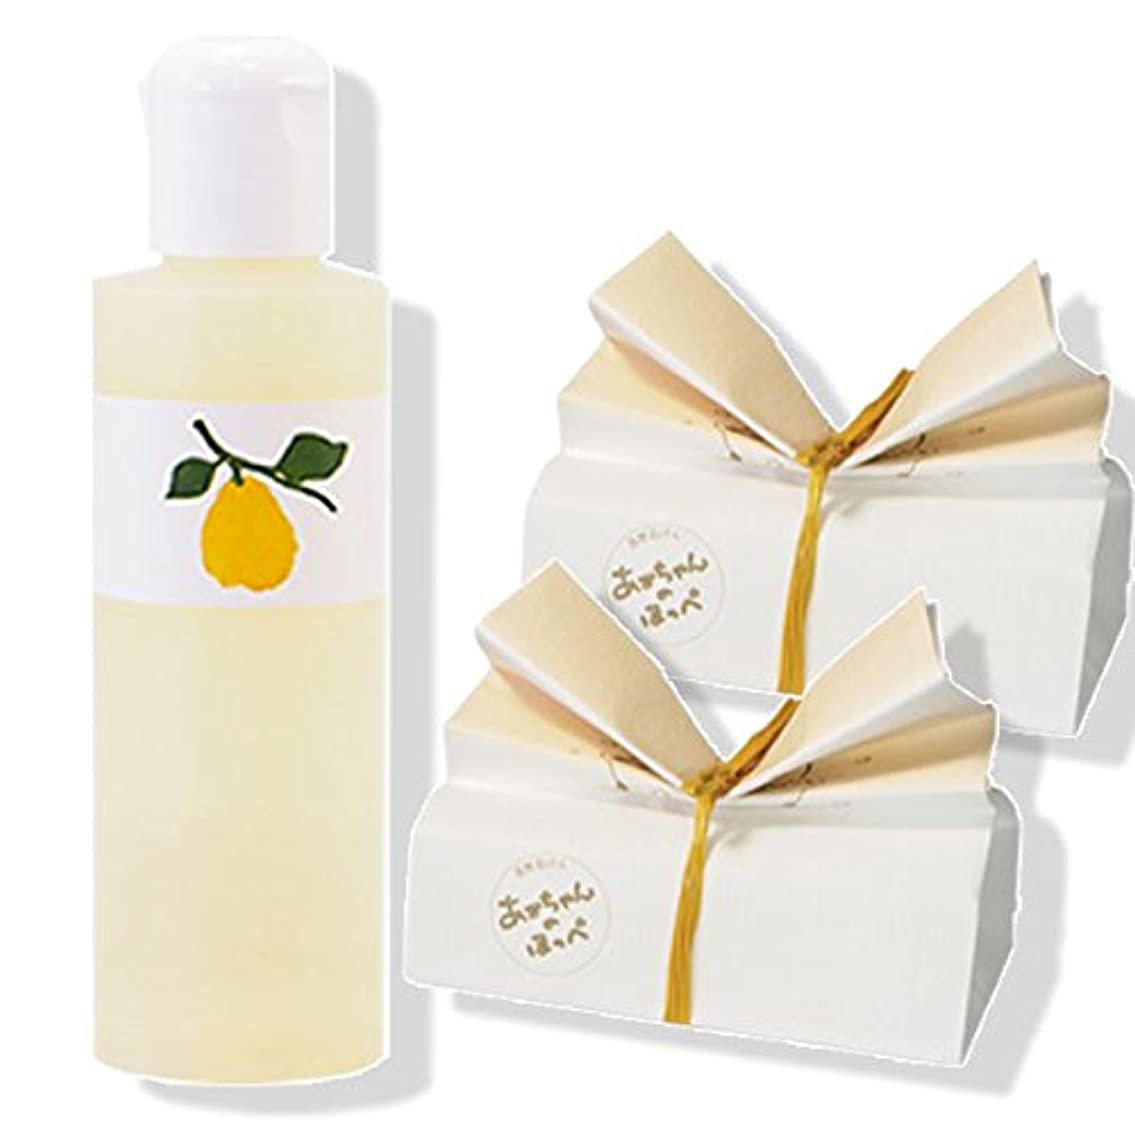 本質的ではないメルボルン彼は「花梨の化粧水」1本 & 「あかちゃんのほっぺ」石鹸 2個セット